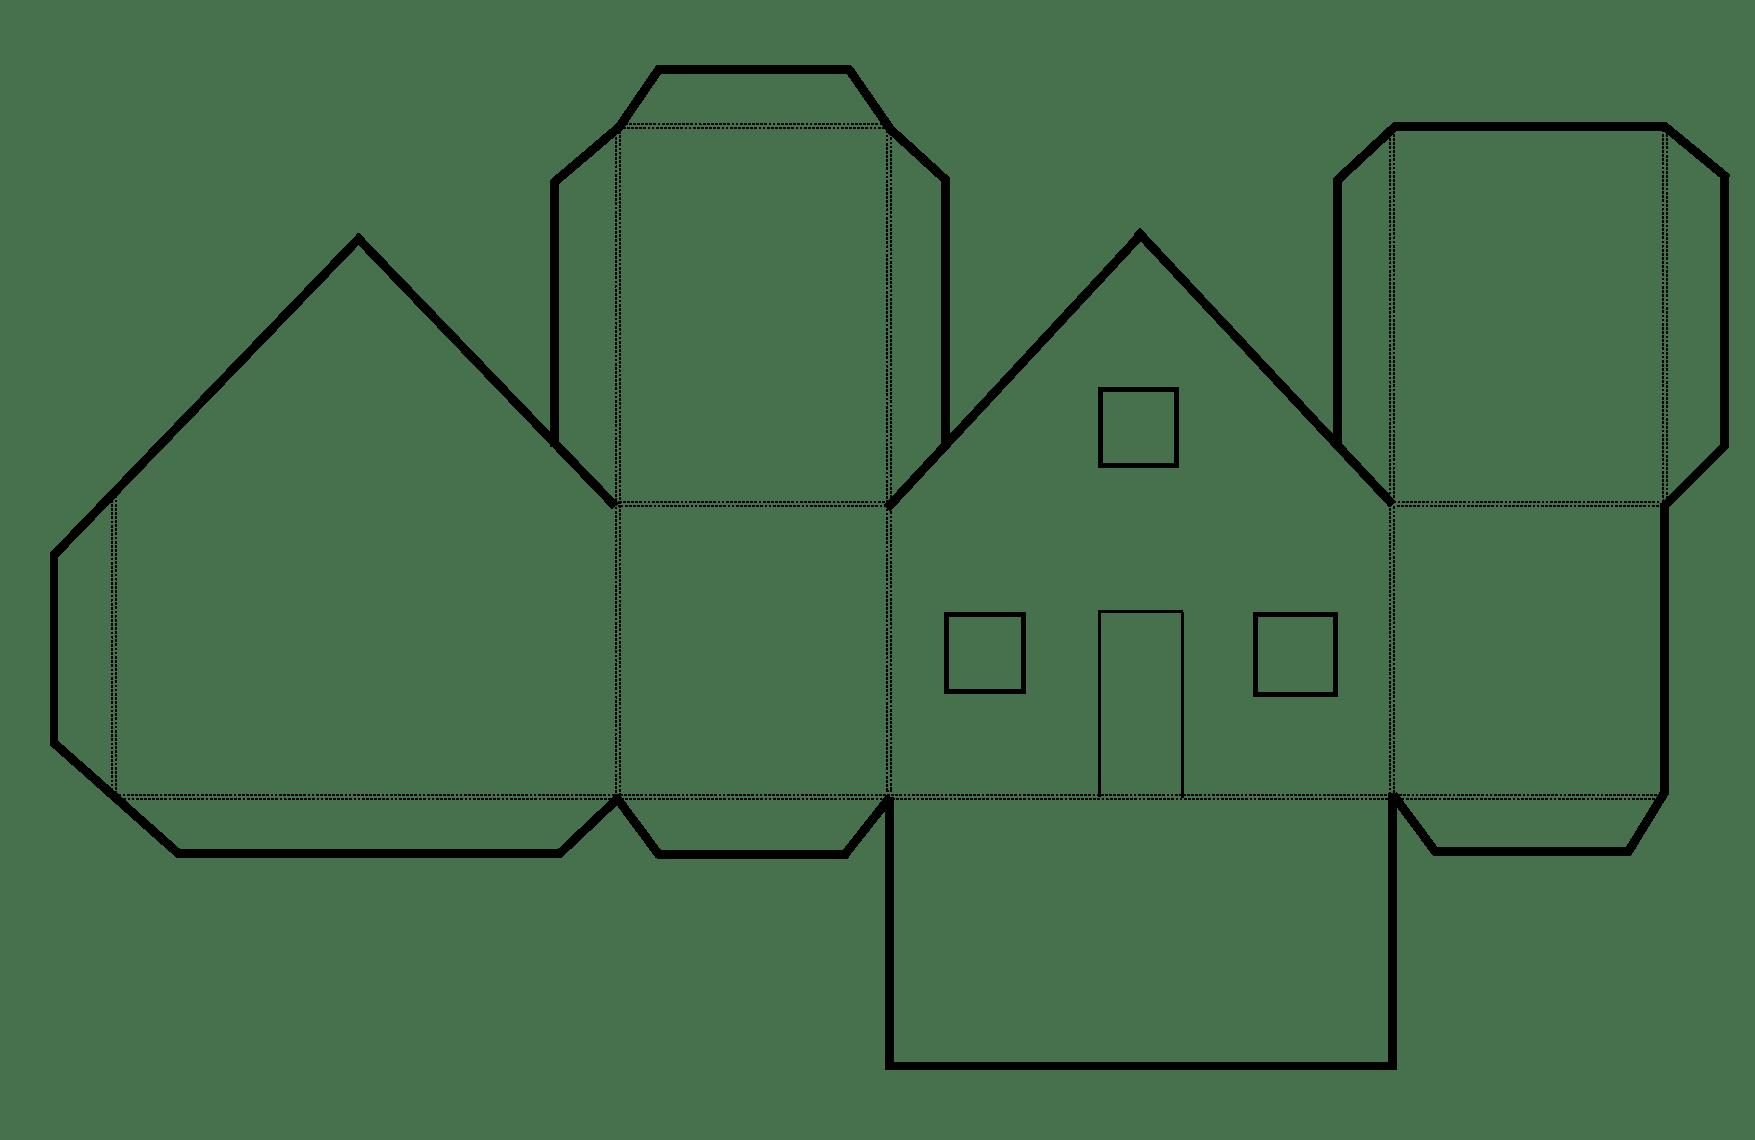 Haus Aus Papier Basteln Vorlagen Dekoking Diy Bastelideen With Falten Vorlage Paper House Template Diy Crafts Crafts